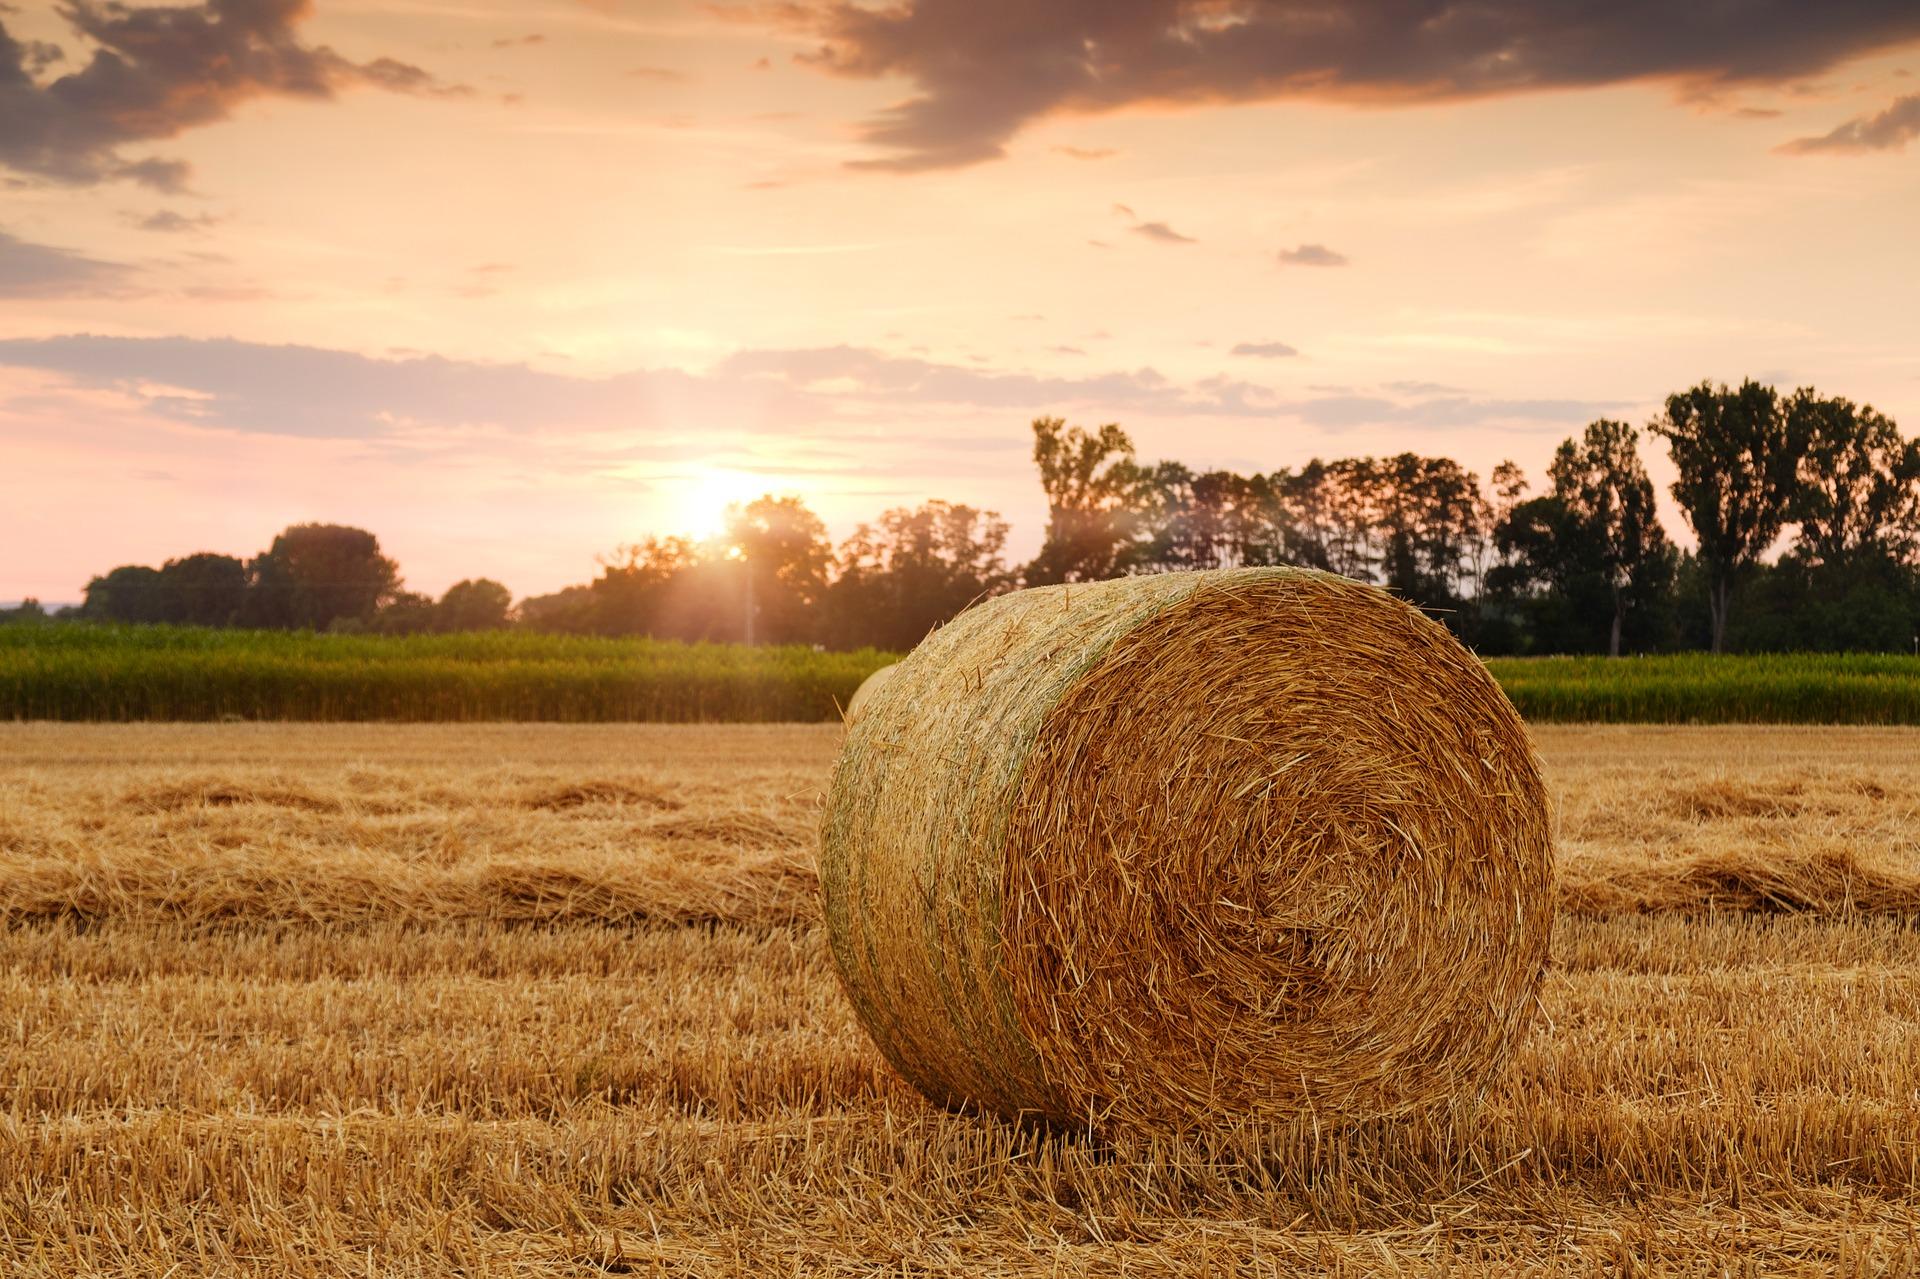 Wielkopolscy rolnicy czekają na ustalenia Polskiego Ładu dot. rolnictwa